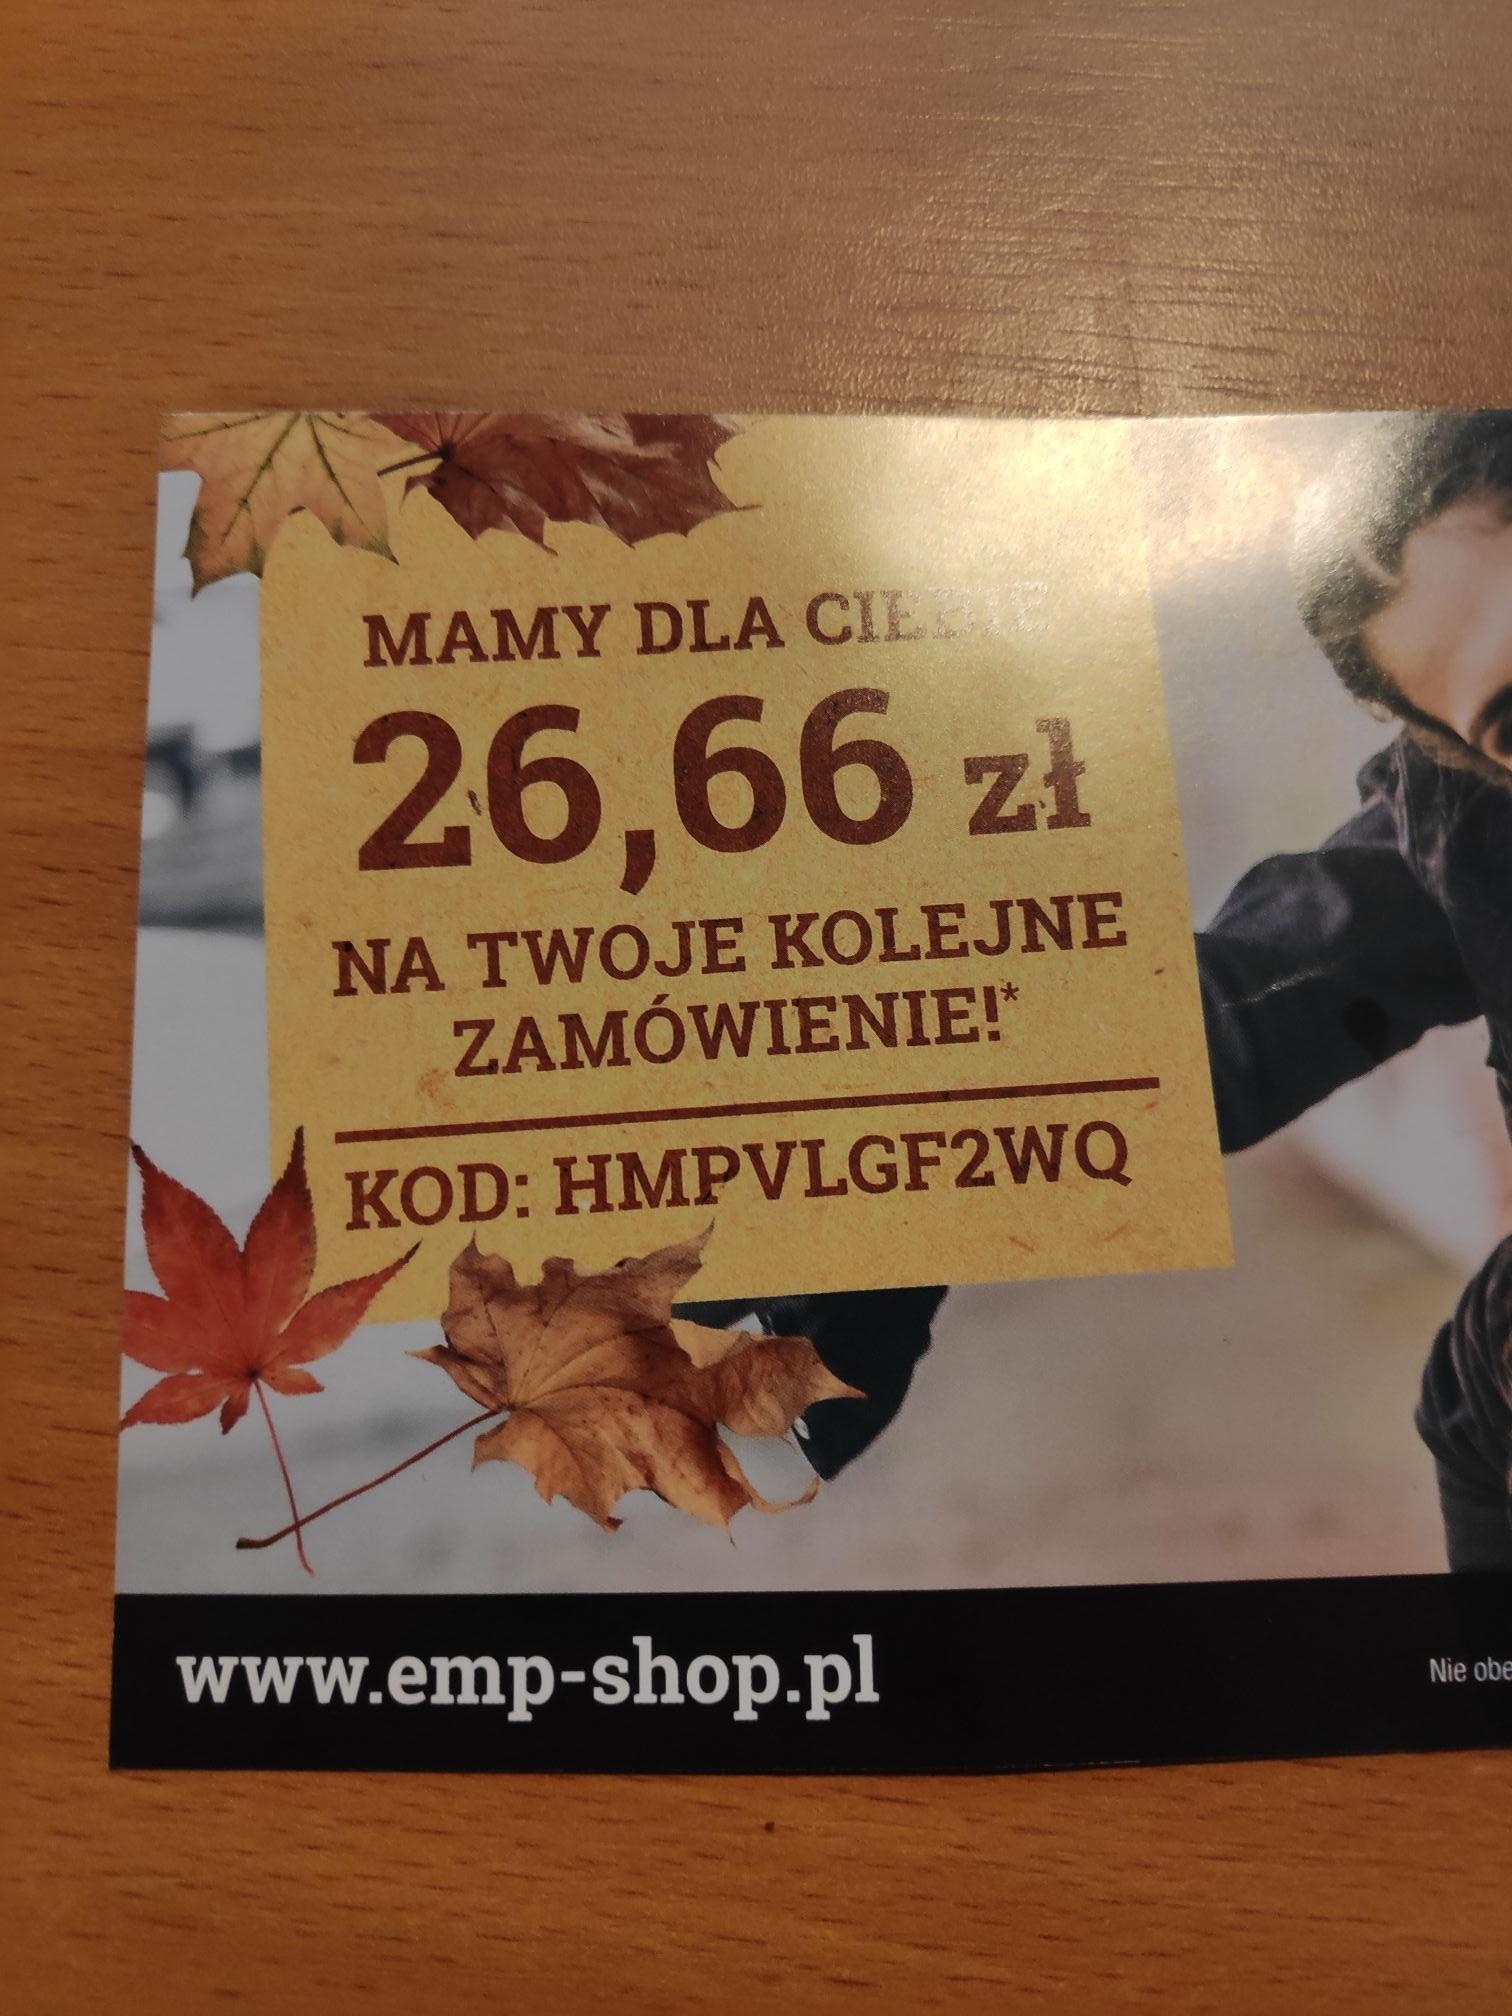 Kupon zniżkowy emp-shop.pl -26,66zł